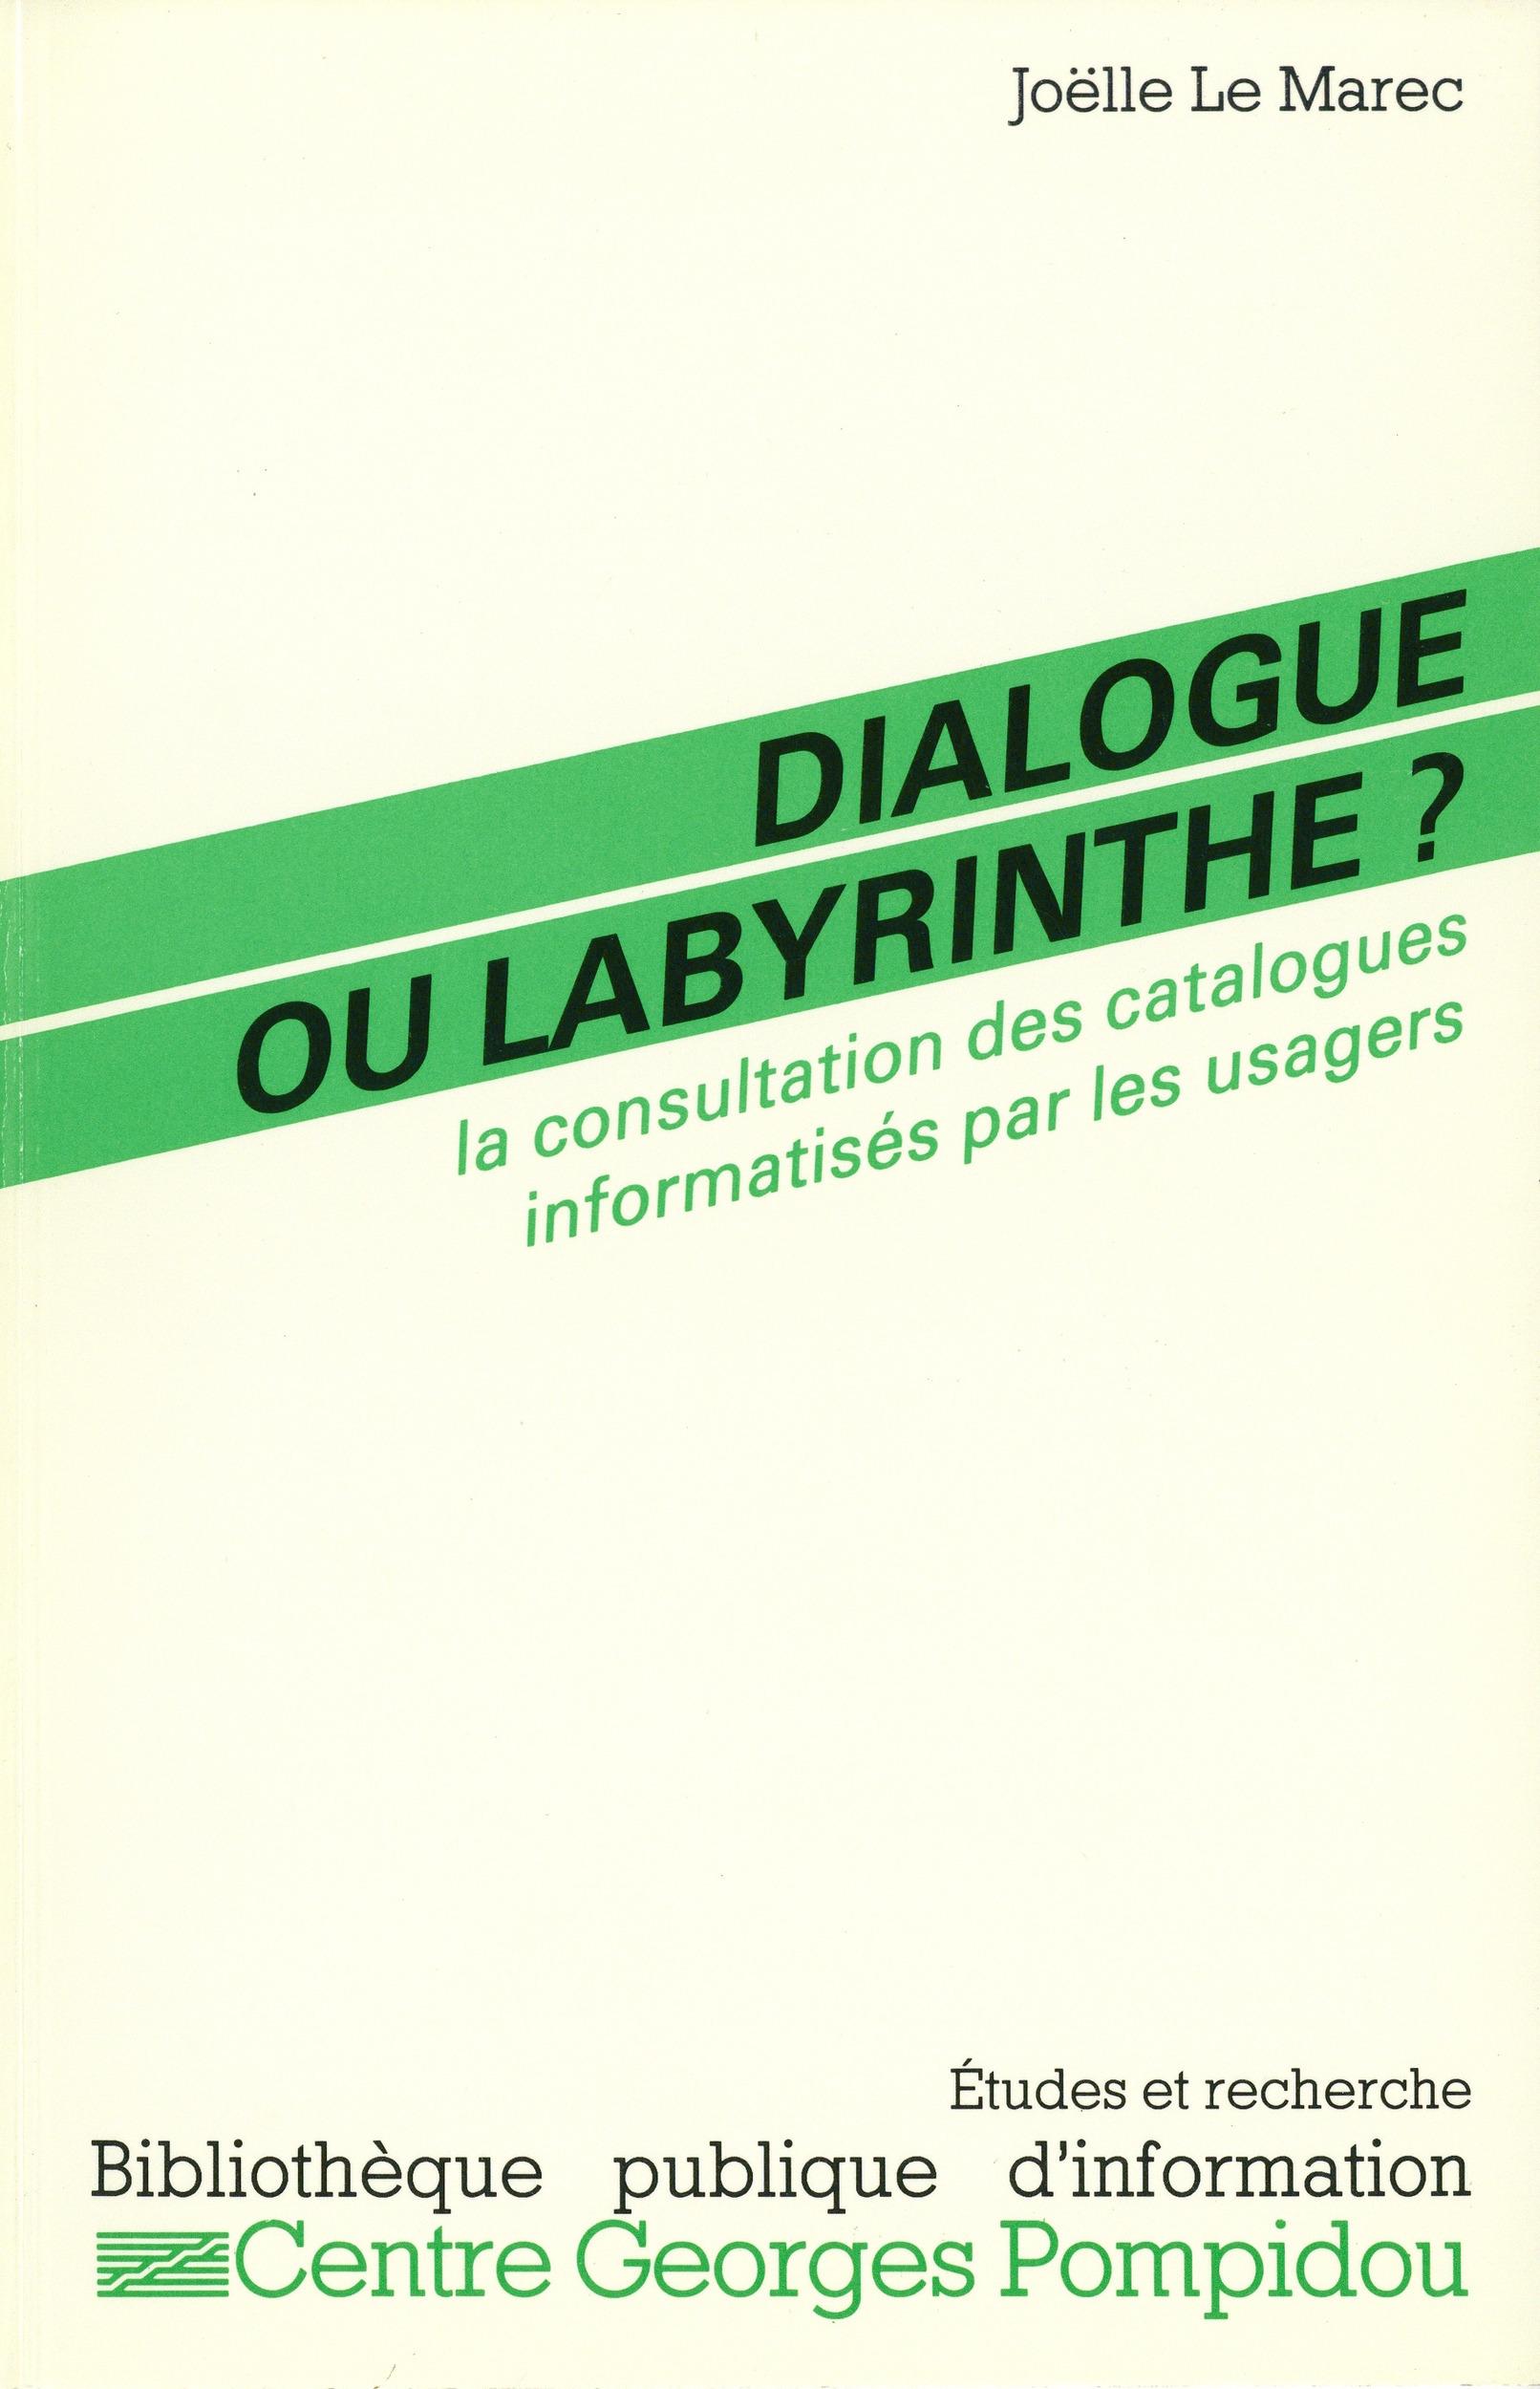 Dialogue ou labyrinthe ? la consultation des catalogues informatises par les usagers